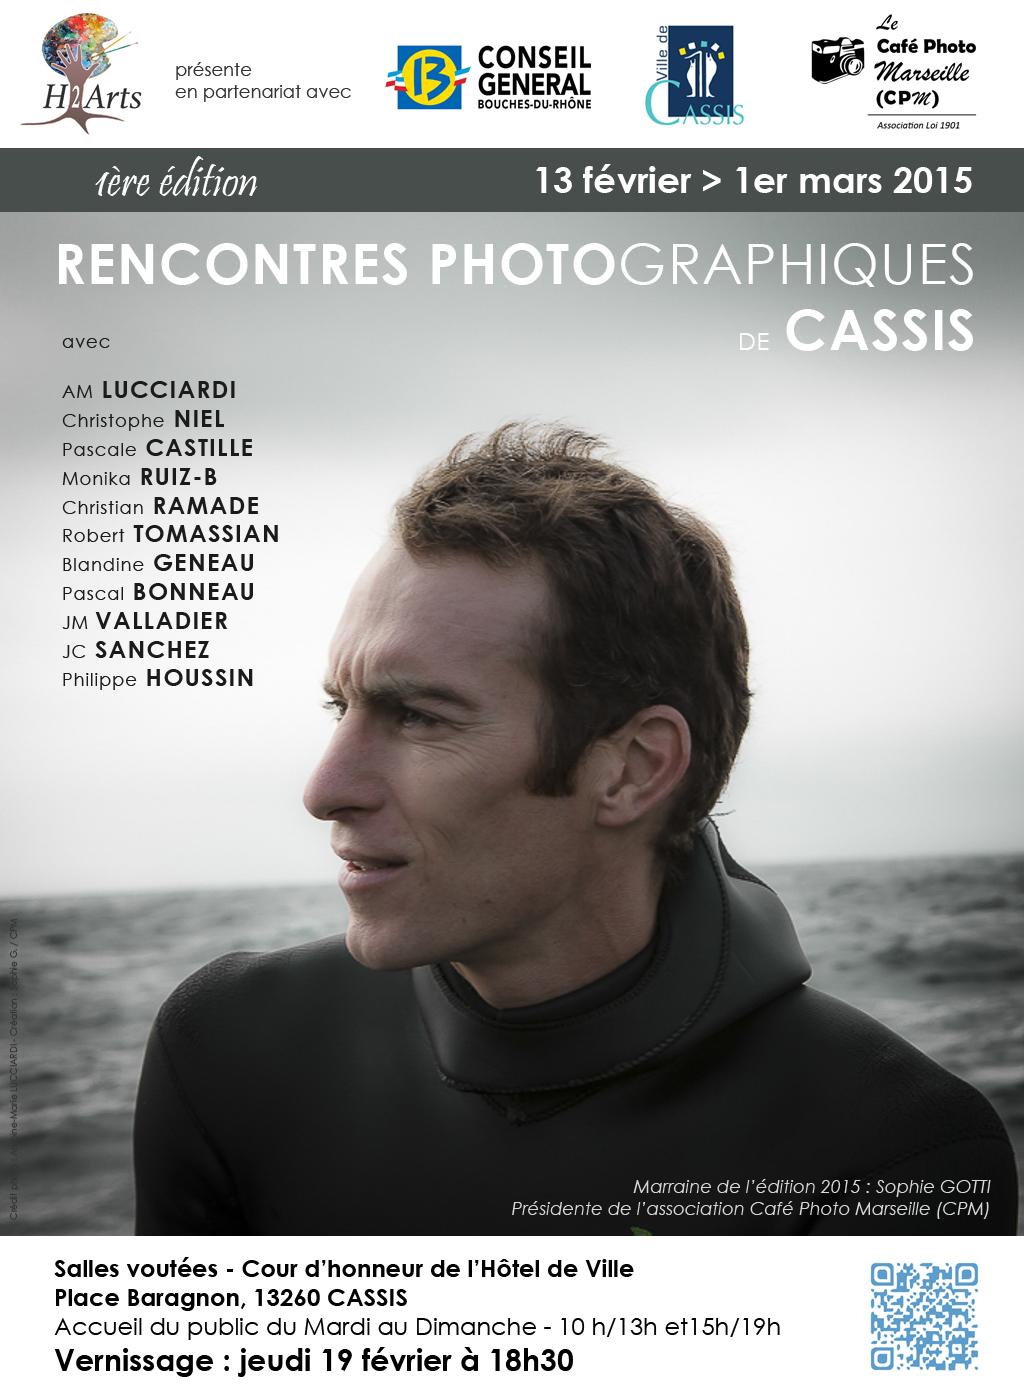 AFFICHE WEB rencontres photographiques de cassis 2015